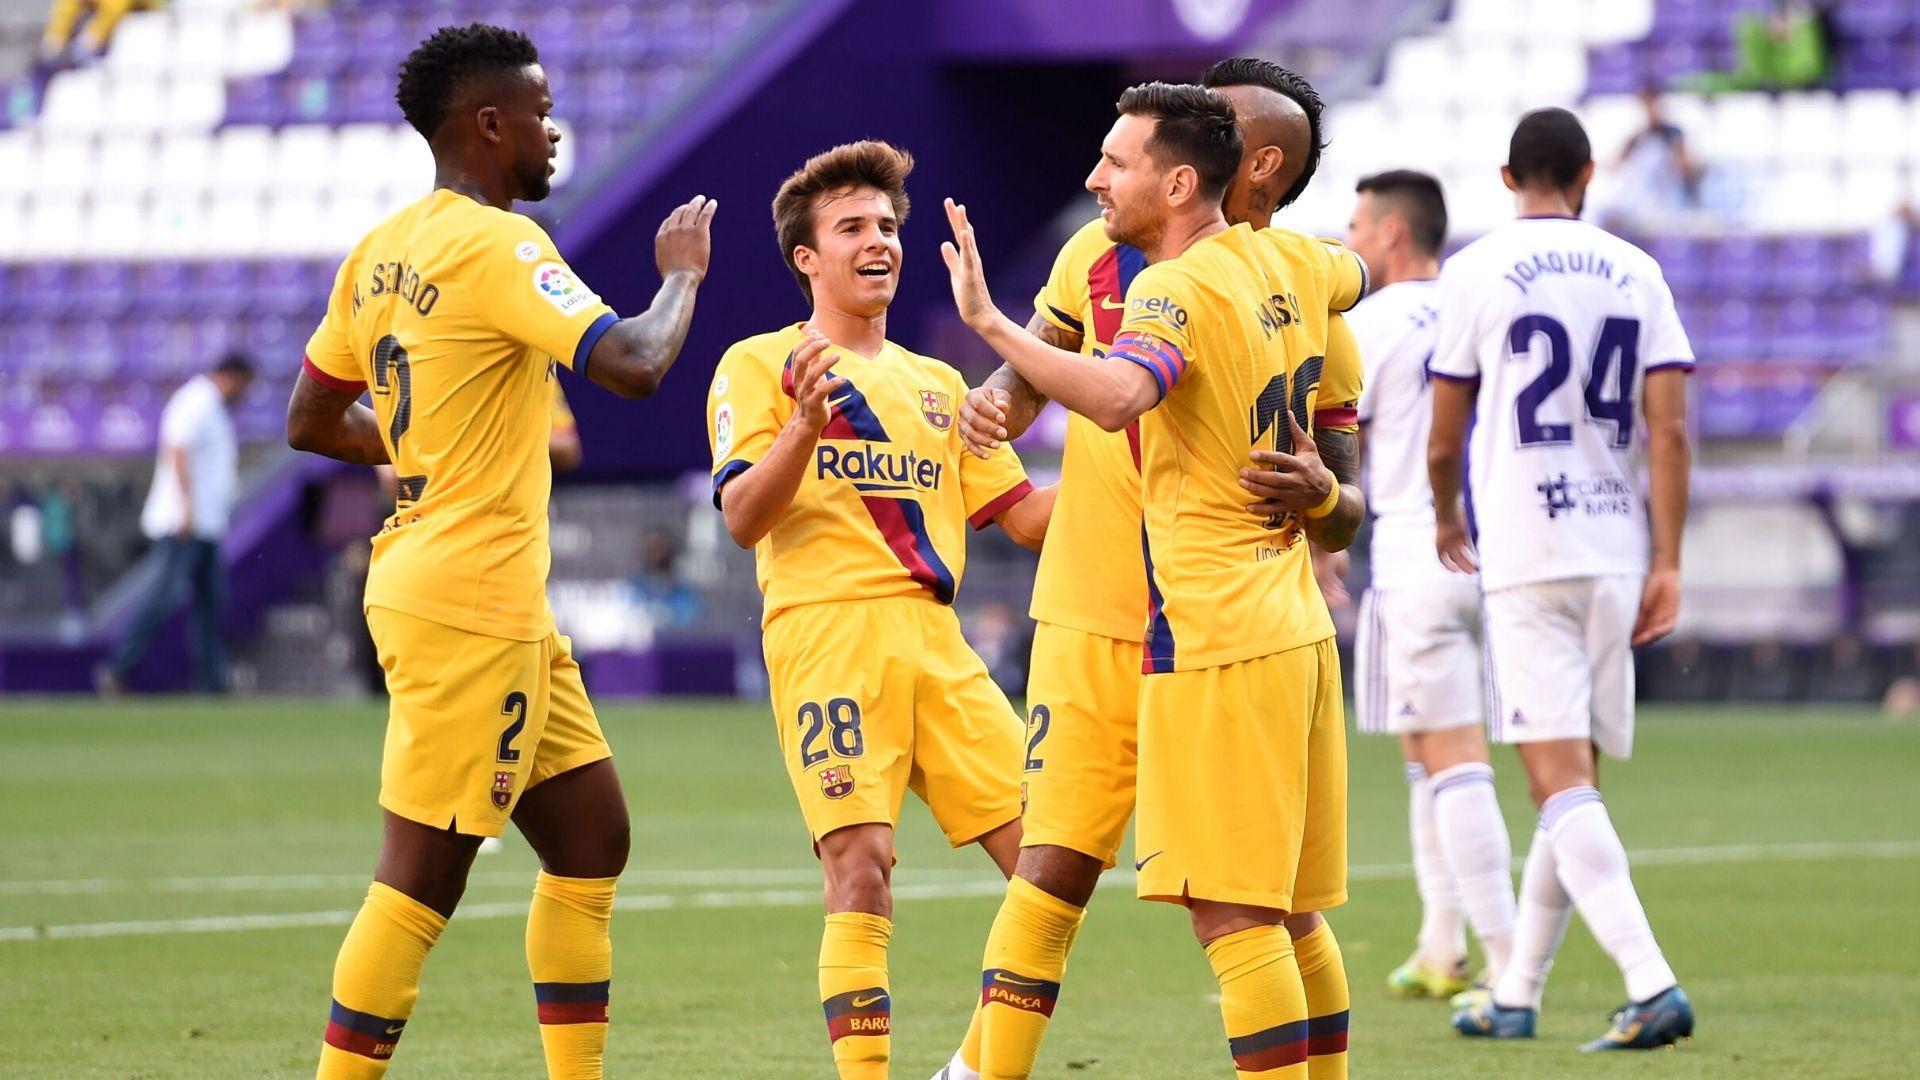 Valladolid Vs Barcelona En Directo Resultado Alineaciones Polemicas Reacciones Y Ruedas De Prensa Goal Com